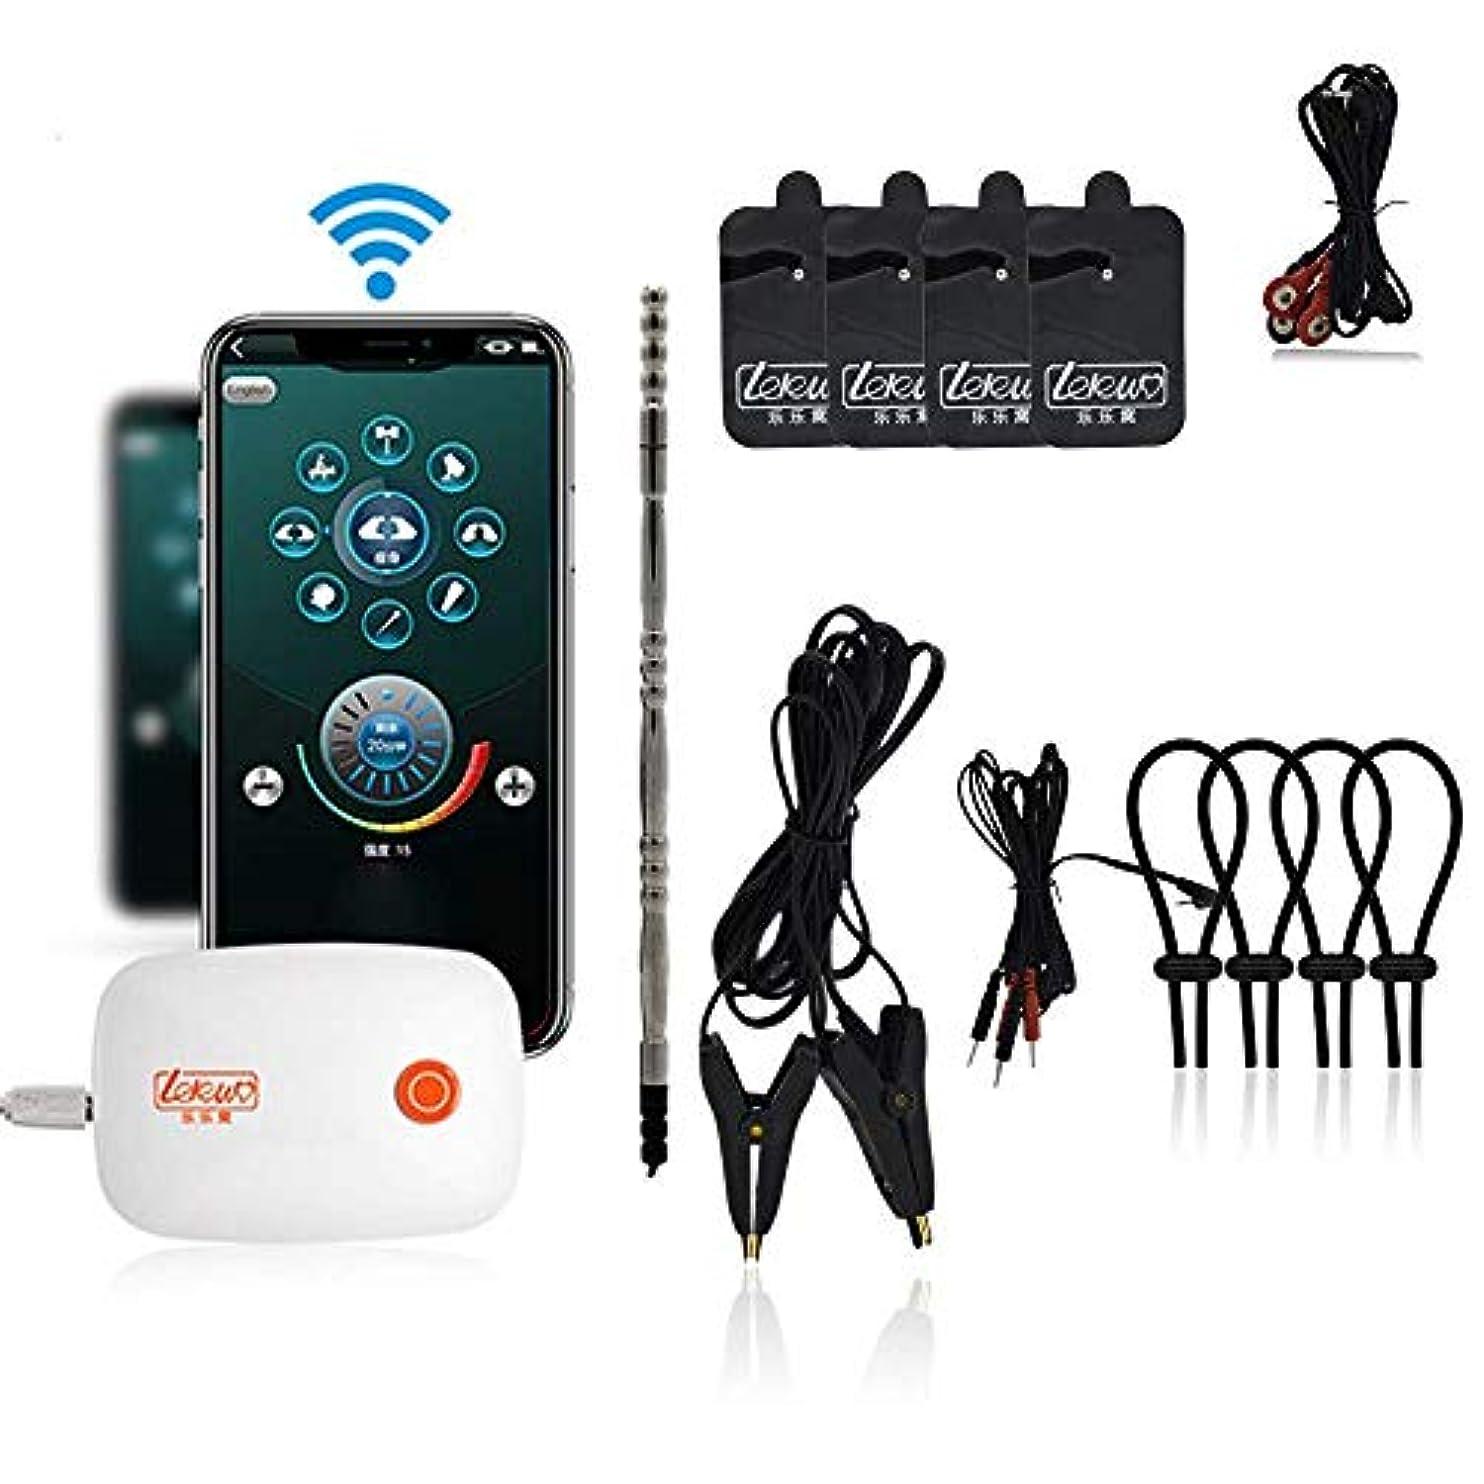 ペストリー通り抜ける若者刺激的な愛の高級感電キット、刺激クラスBDSM電気刺激拷問マッサージ大人のおもちゃ、Android/iOSバージョン用のアプリケーション